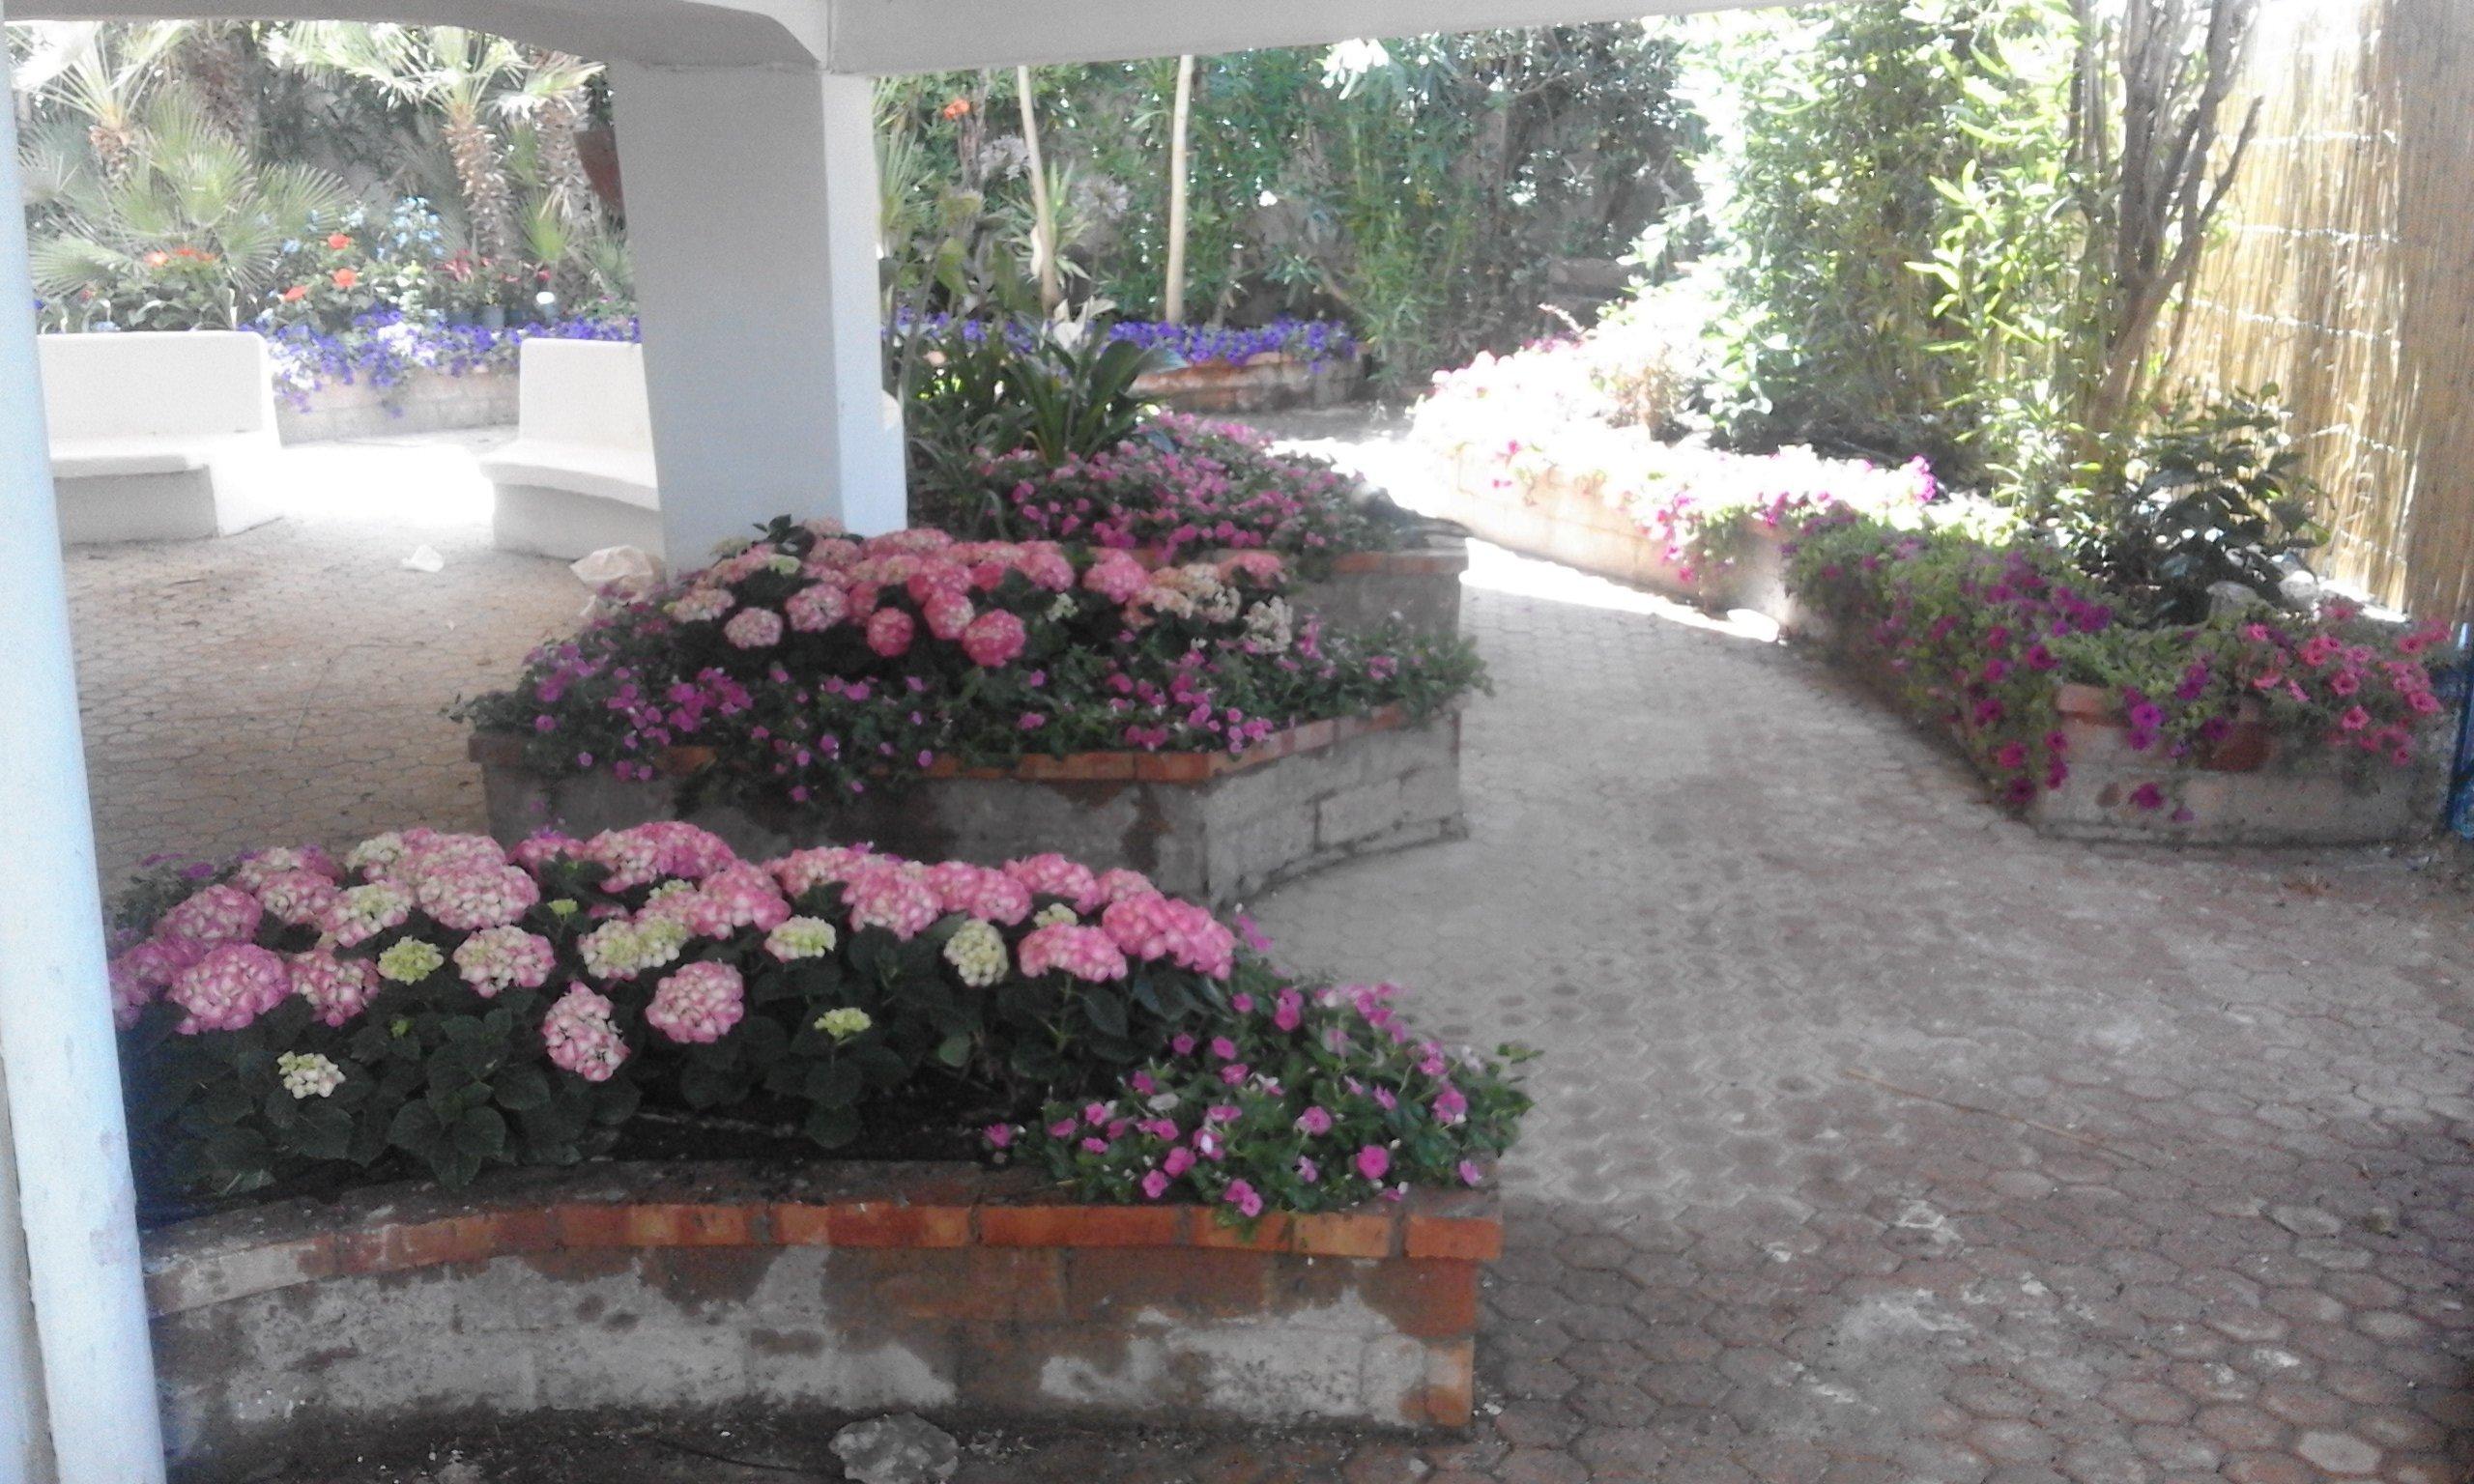 delle ortensie rosa interrate dietro a dei muretti sotto un androne